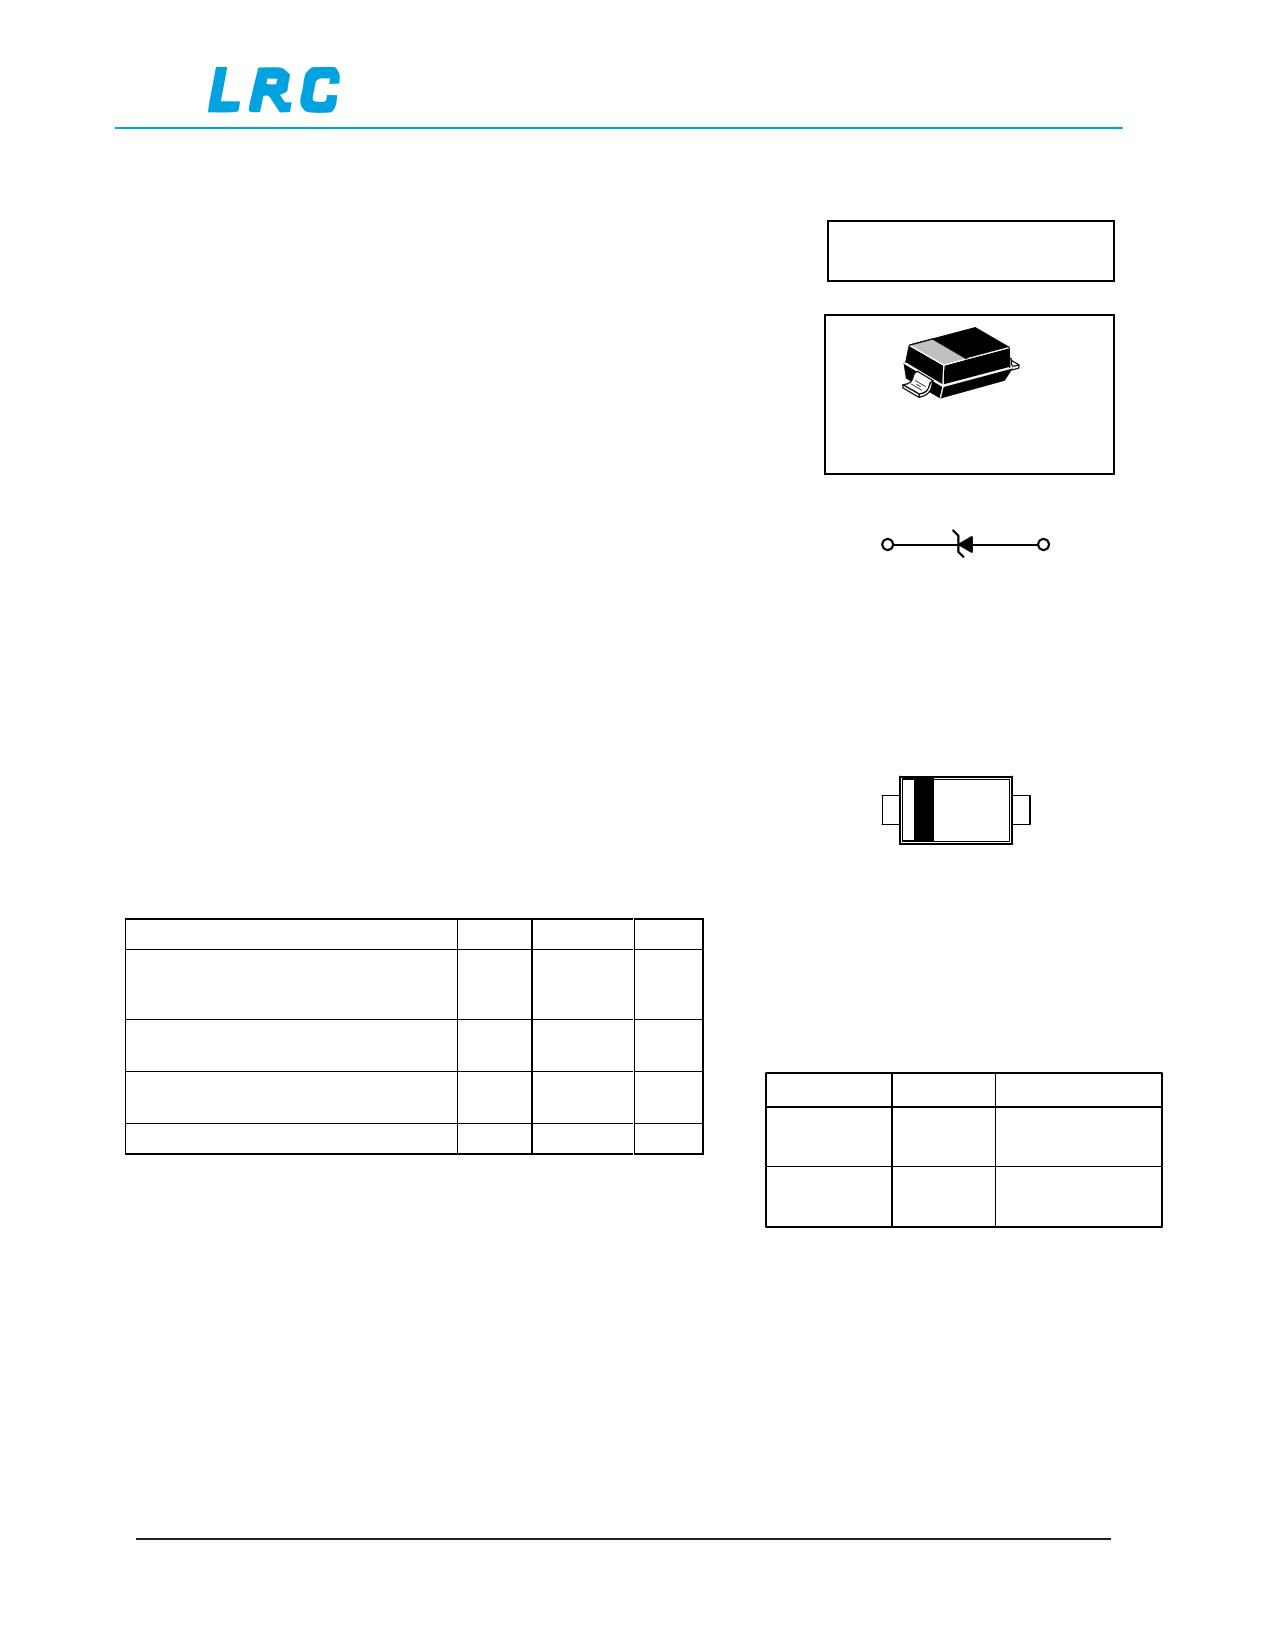 LMSZ4688T1G datasheet, circuit